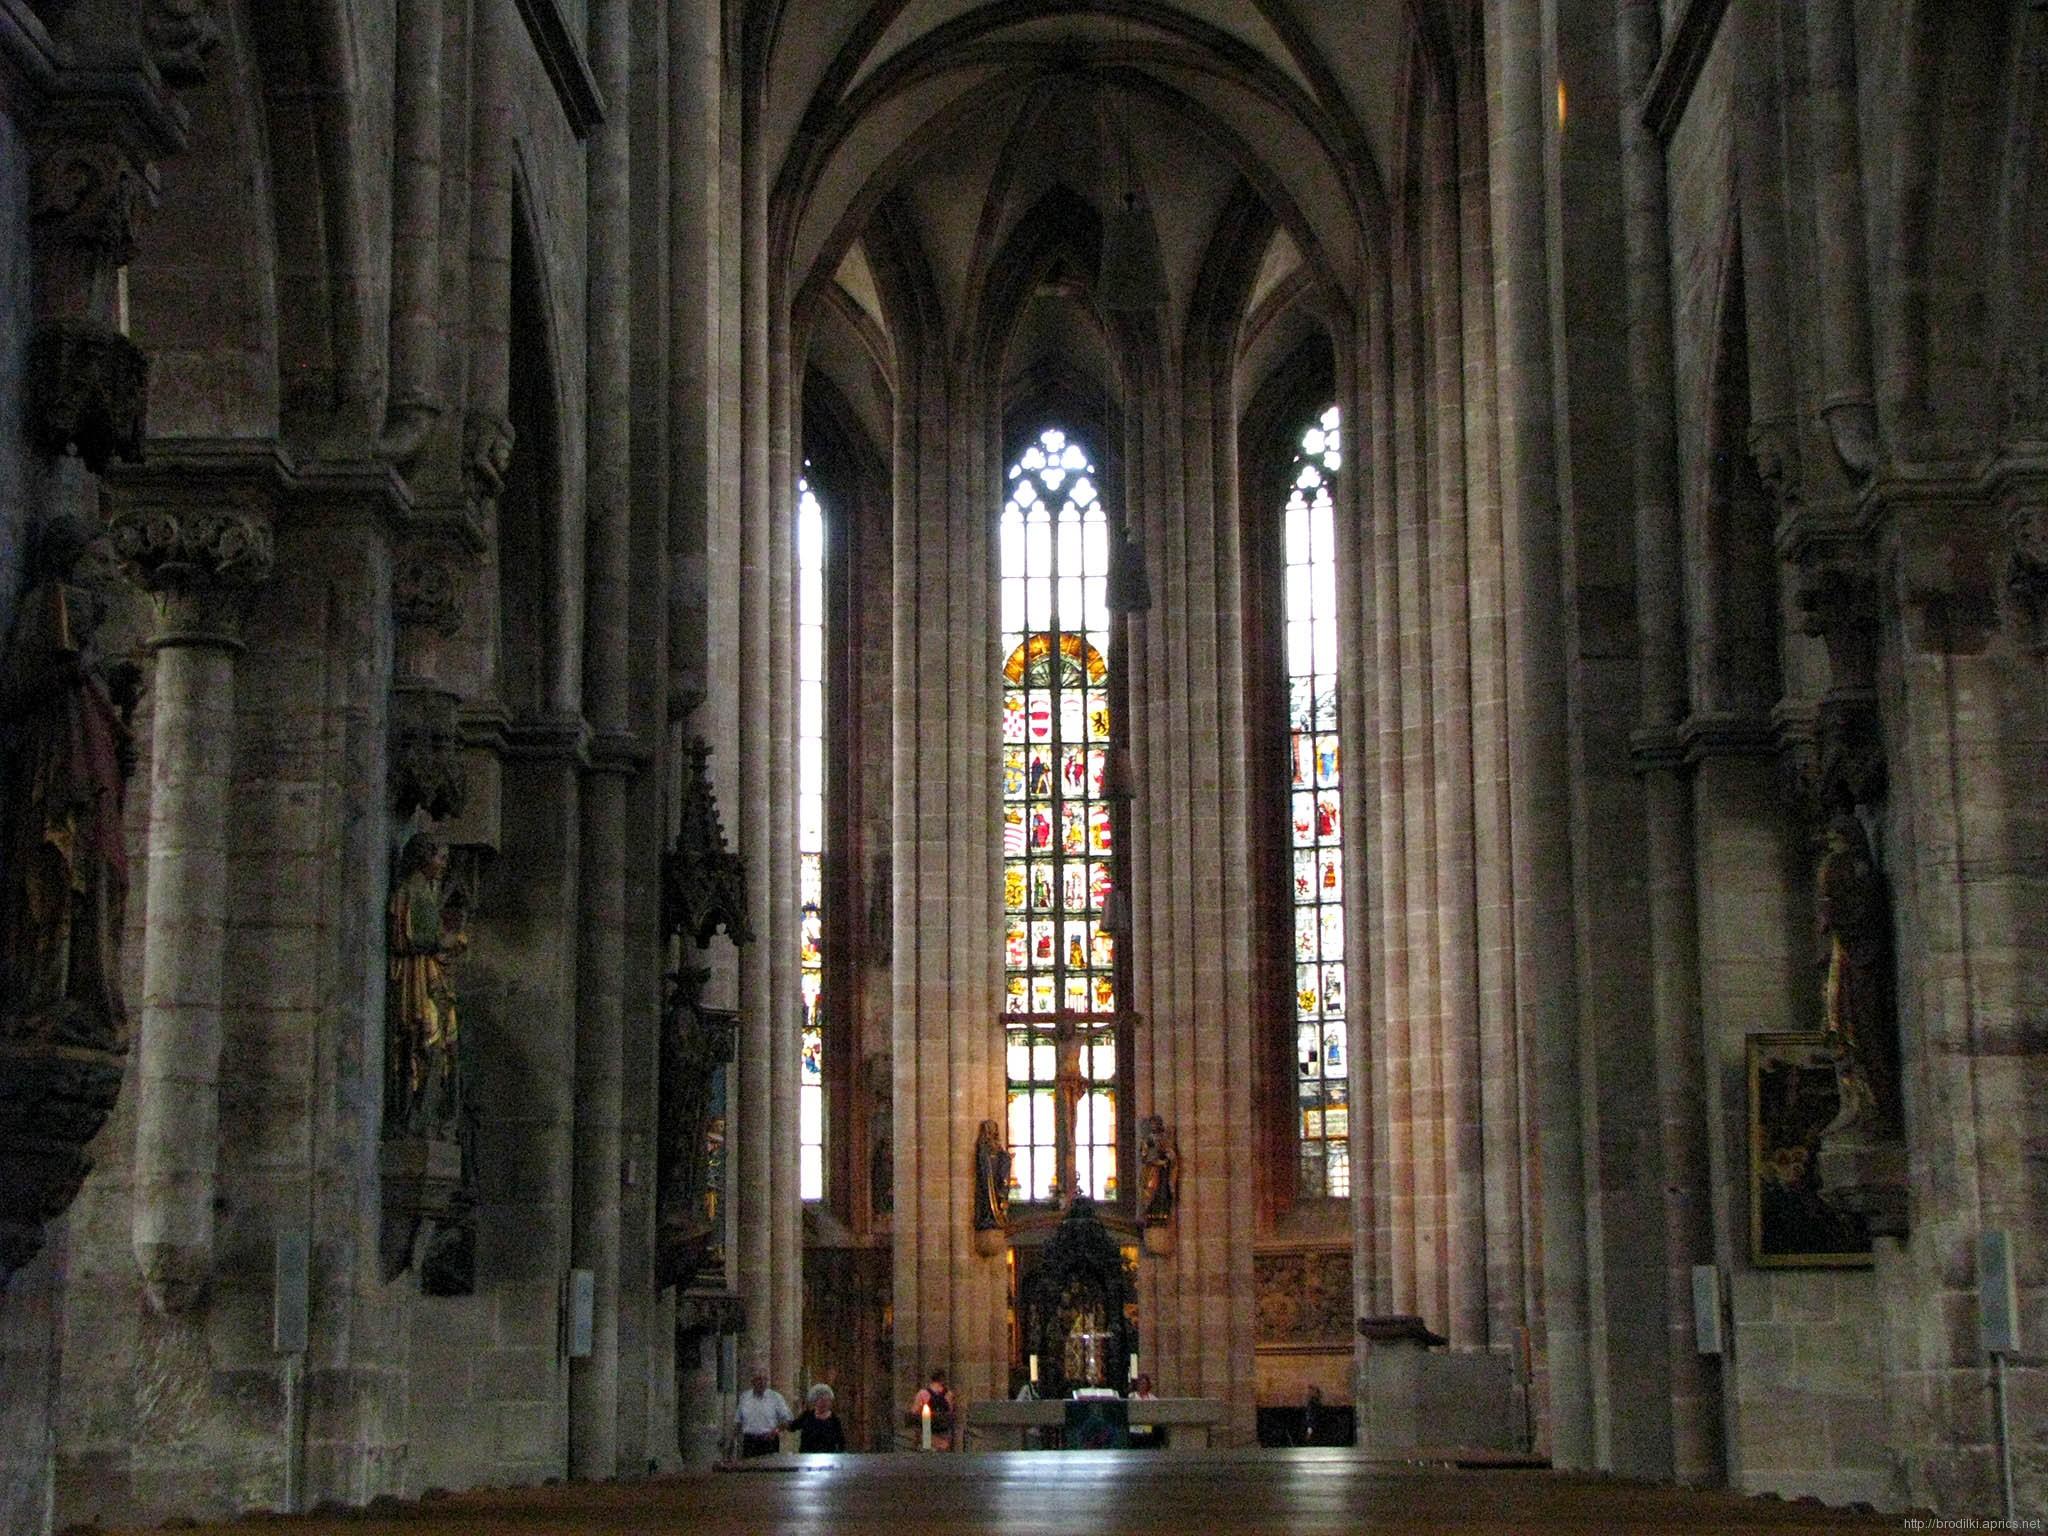 Церковь Святого Себальда (внутри). Достопримечательности Нюрнберга